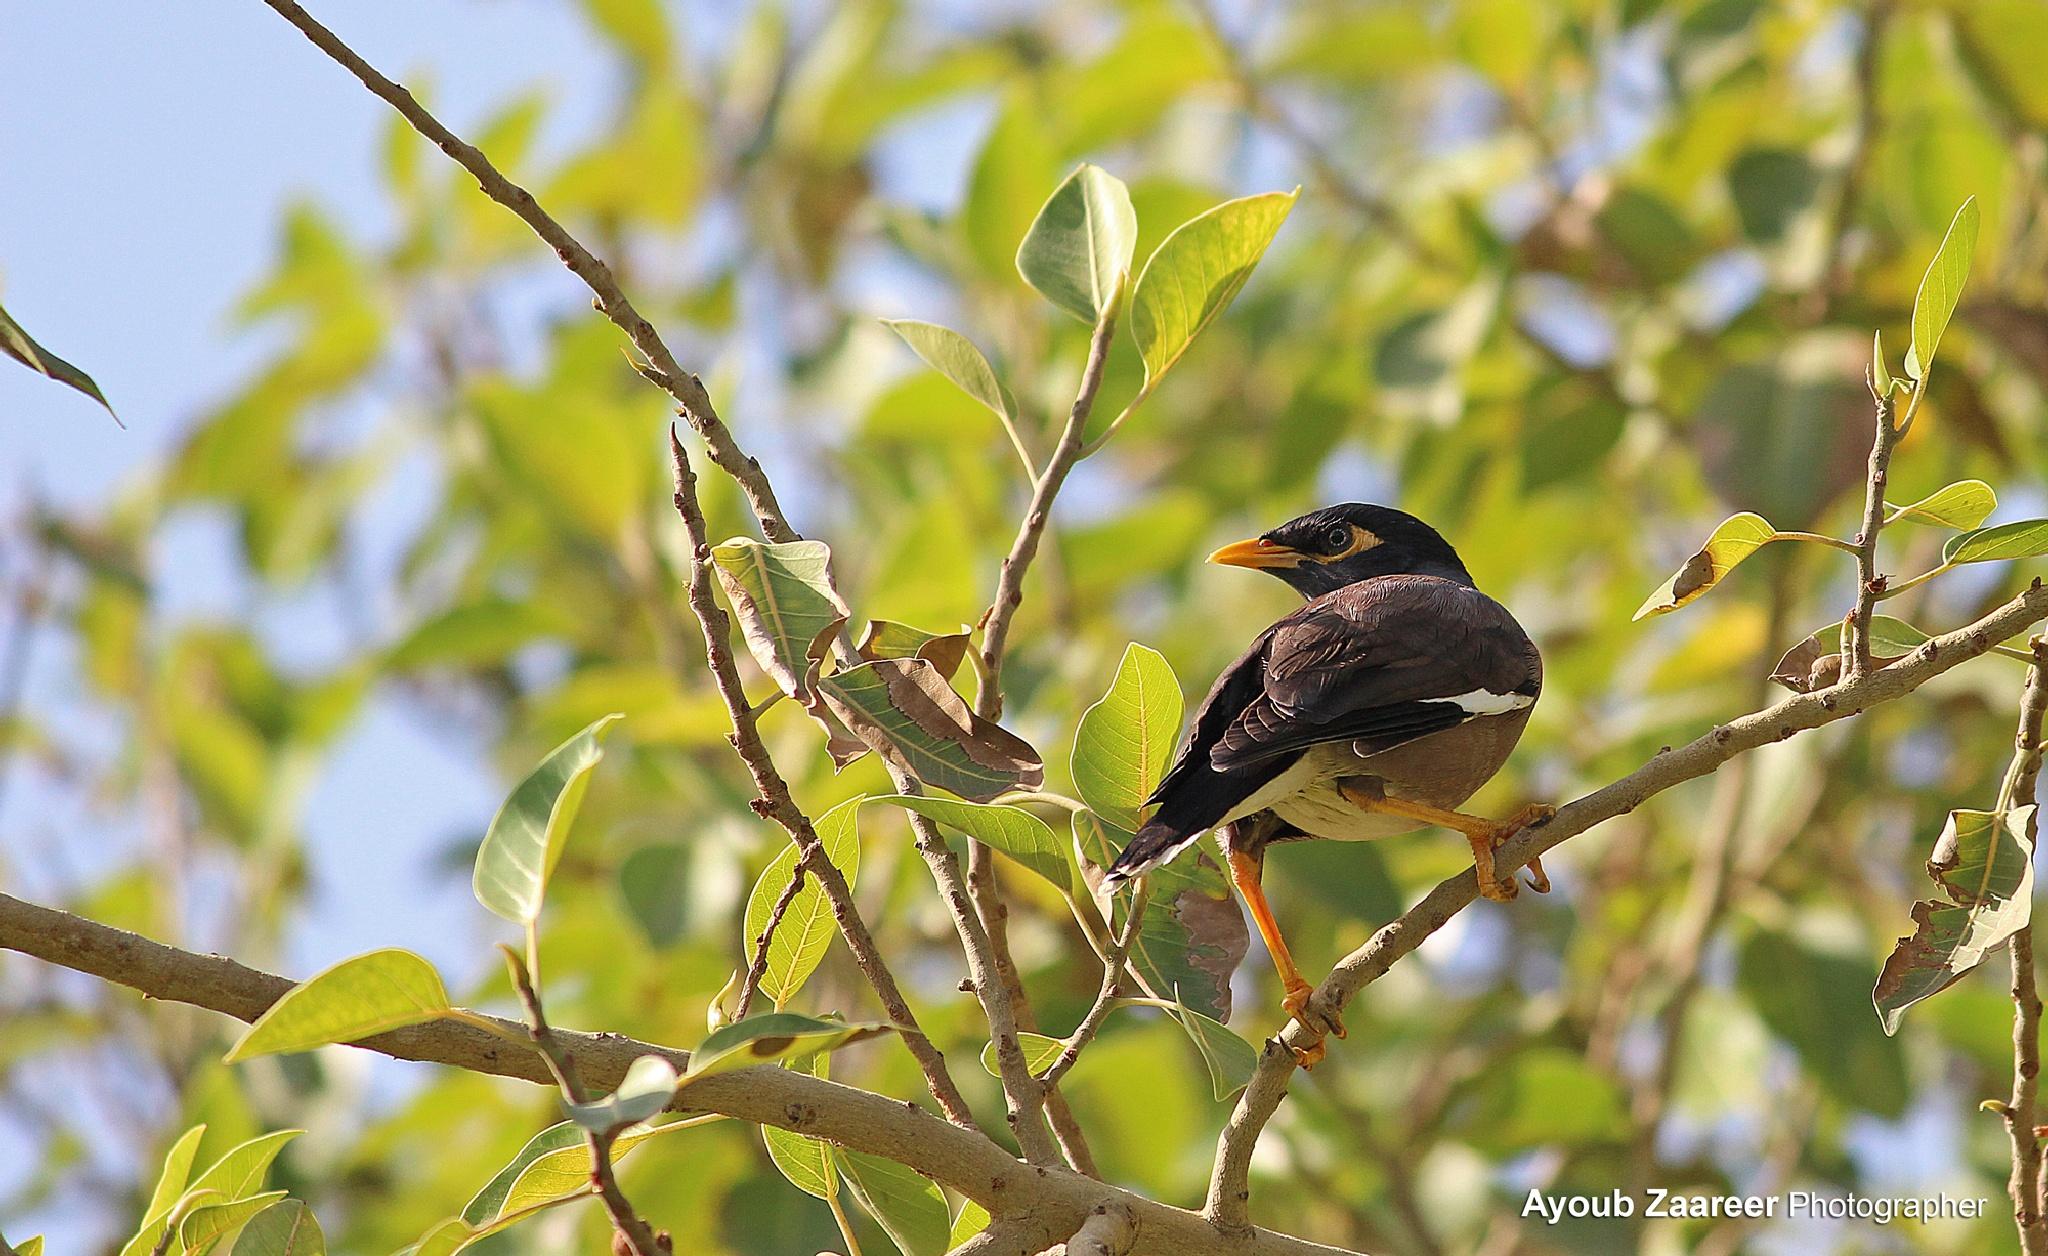 Bird by Ayoub Zaareer